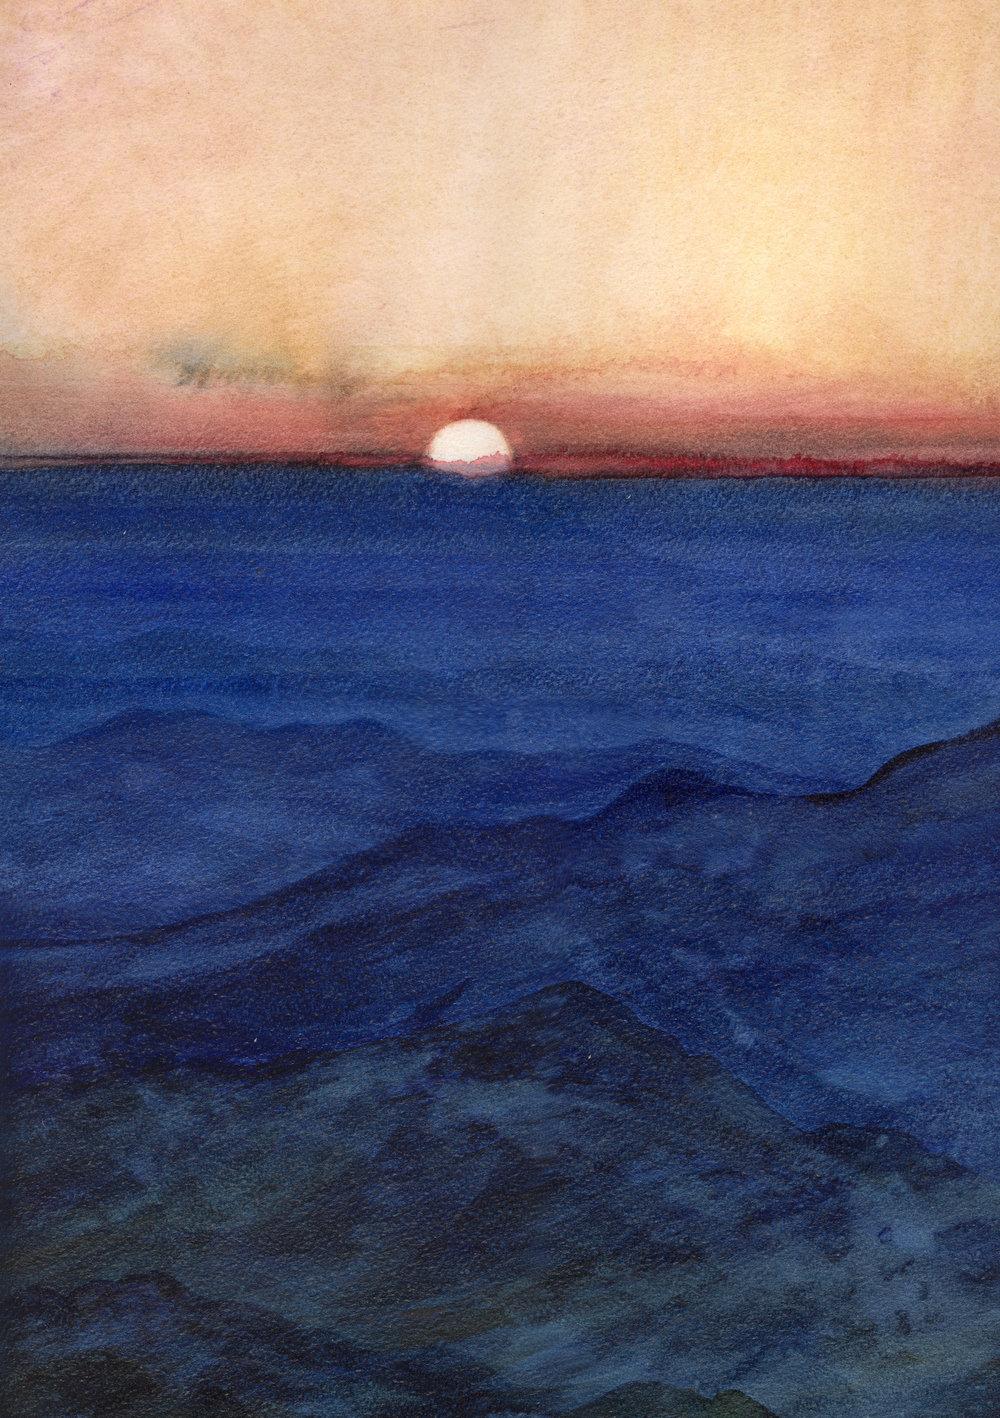 Sunset, Sinai